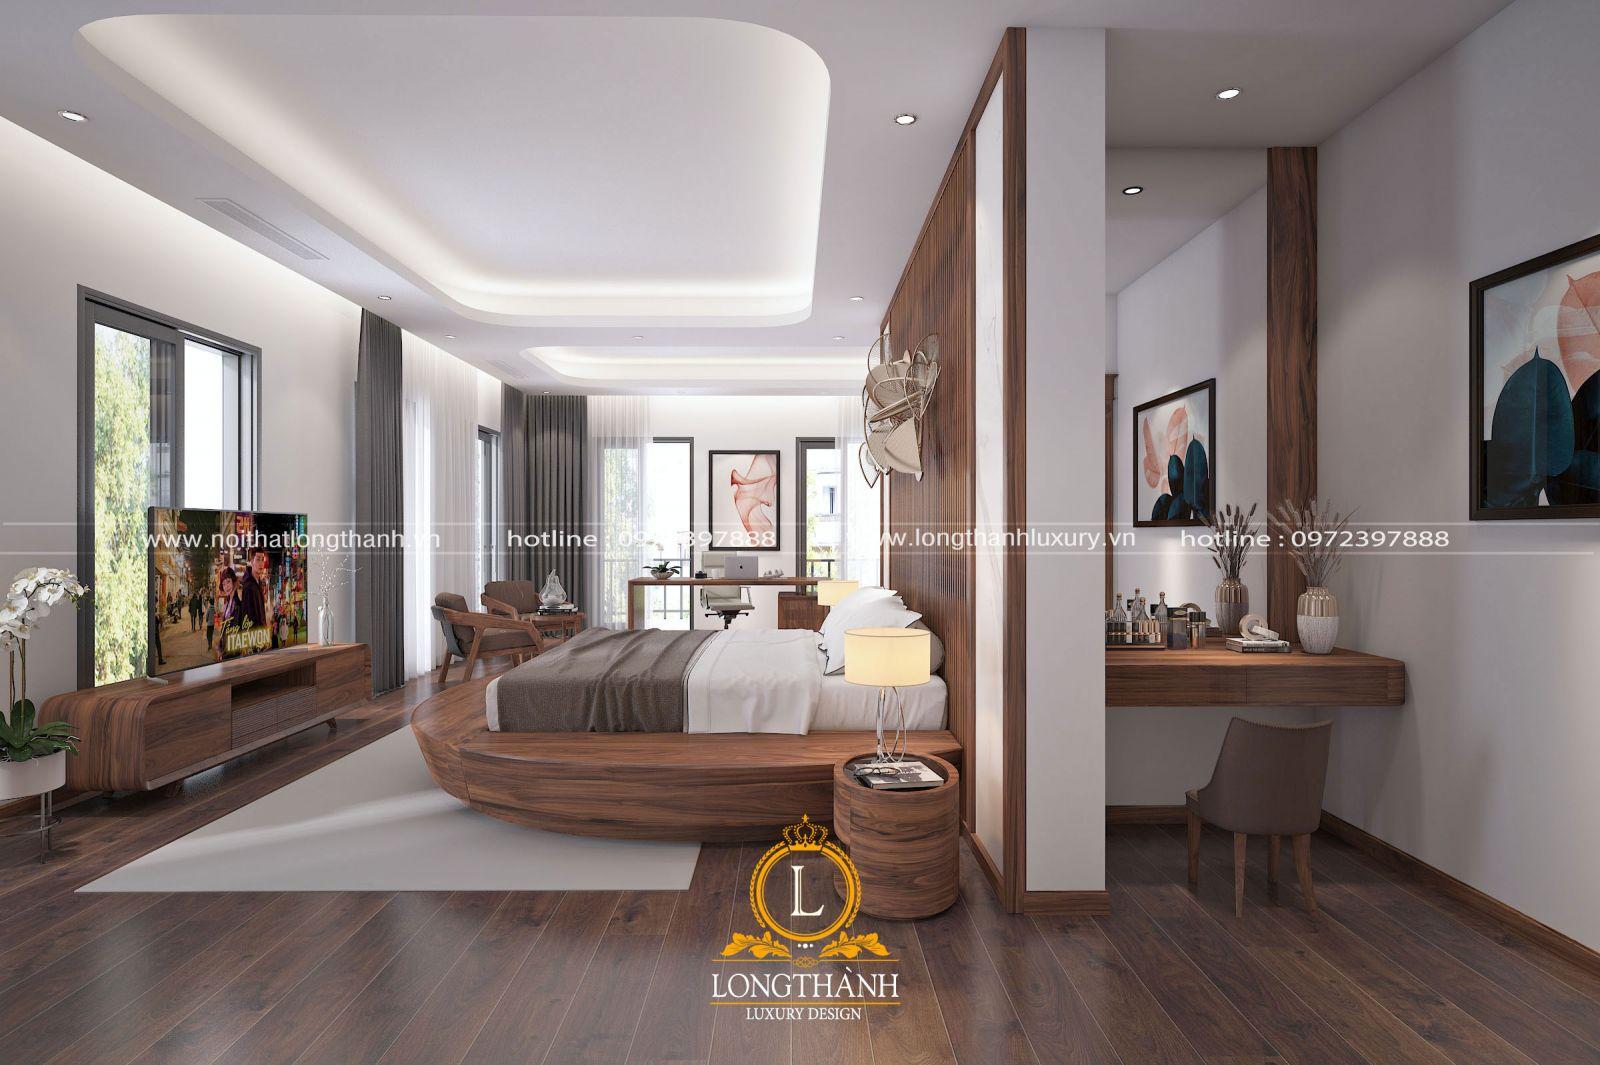 Phòng ngủ hiện đại mơ ước với chất liệu gỗ tự nhiên